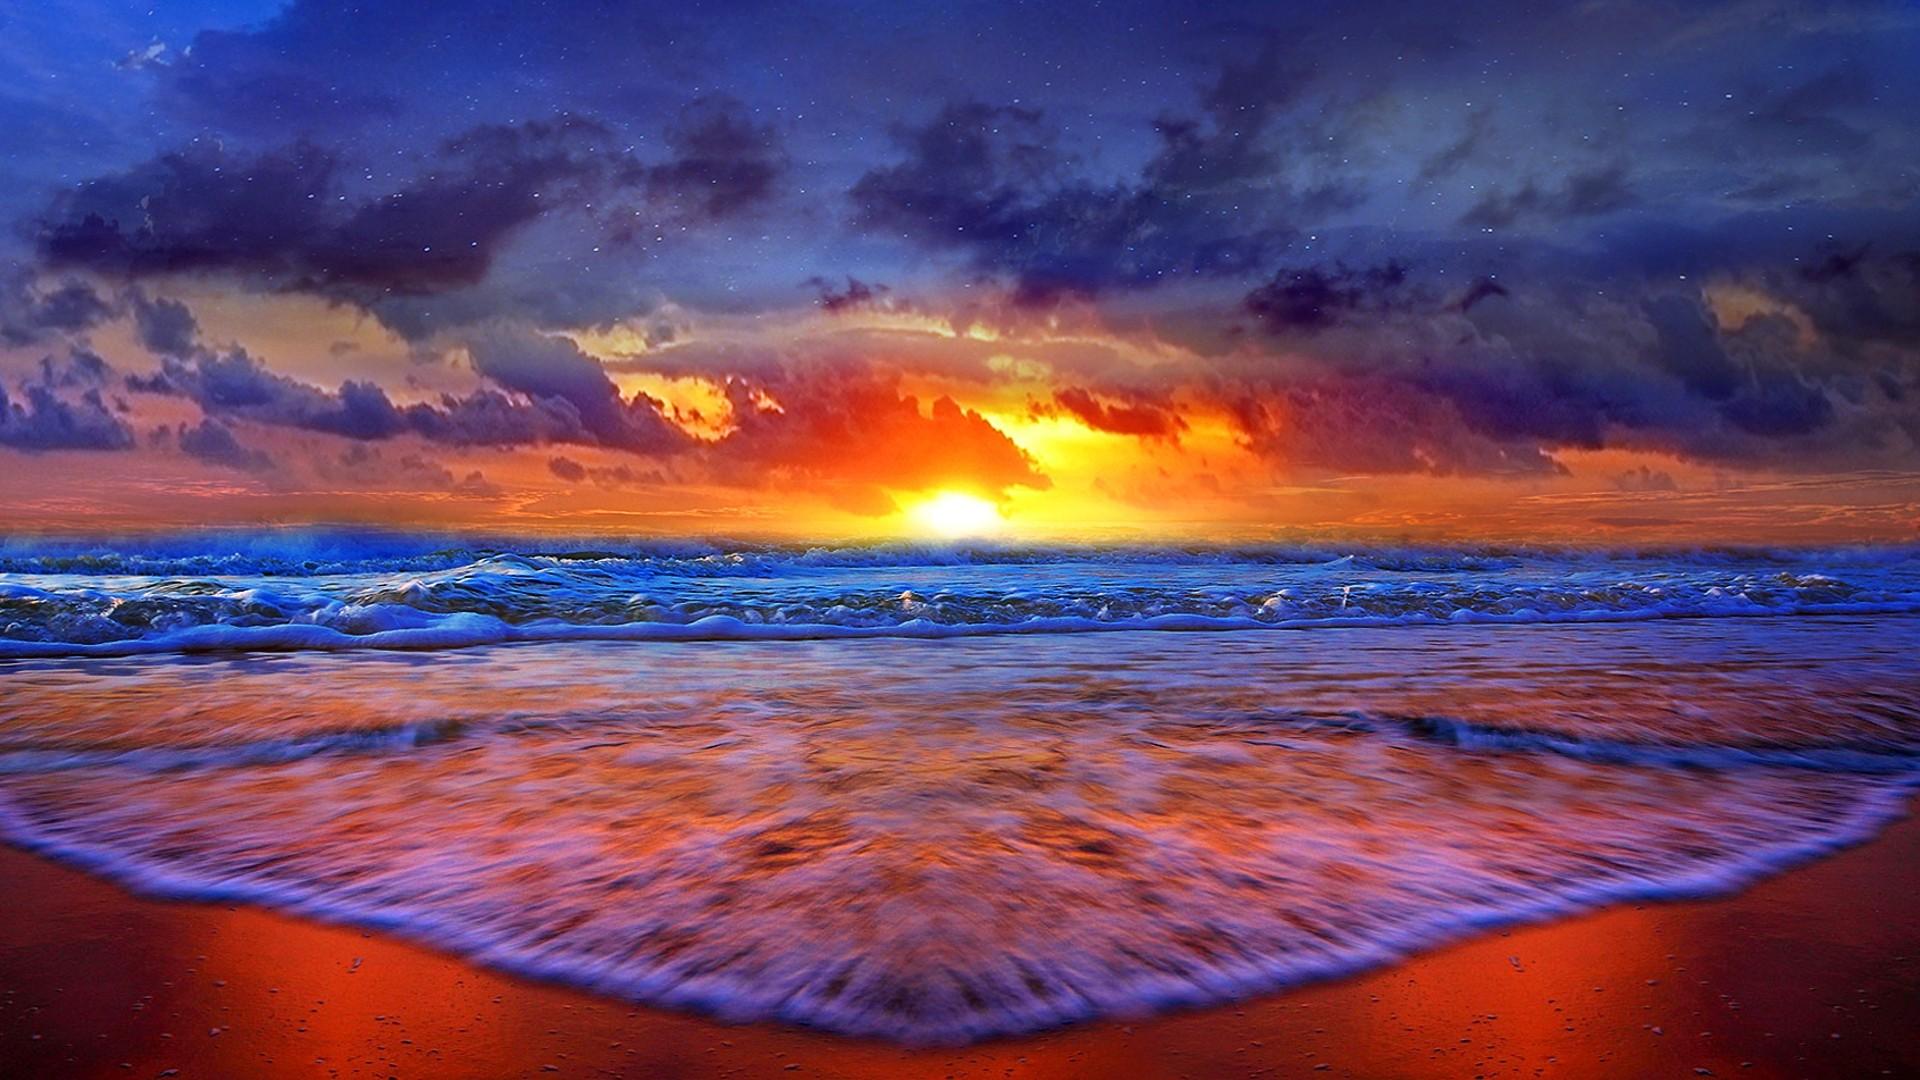 —beach-sunset-wallpapers-2400